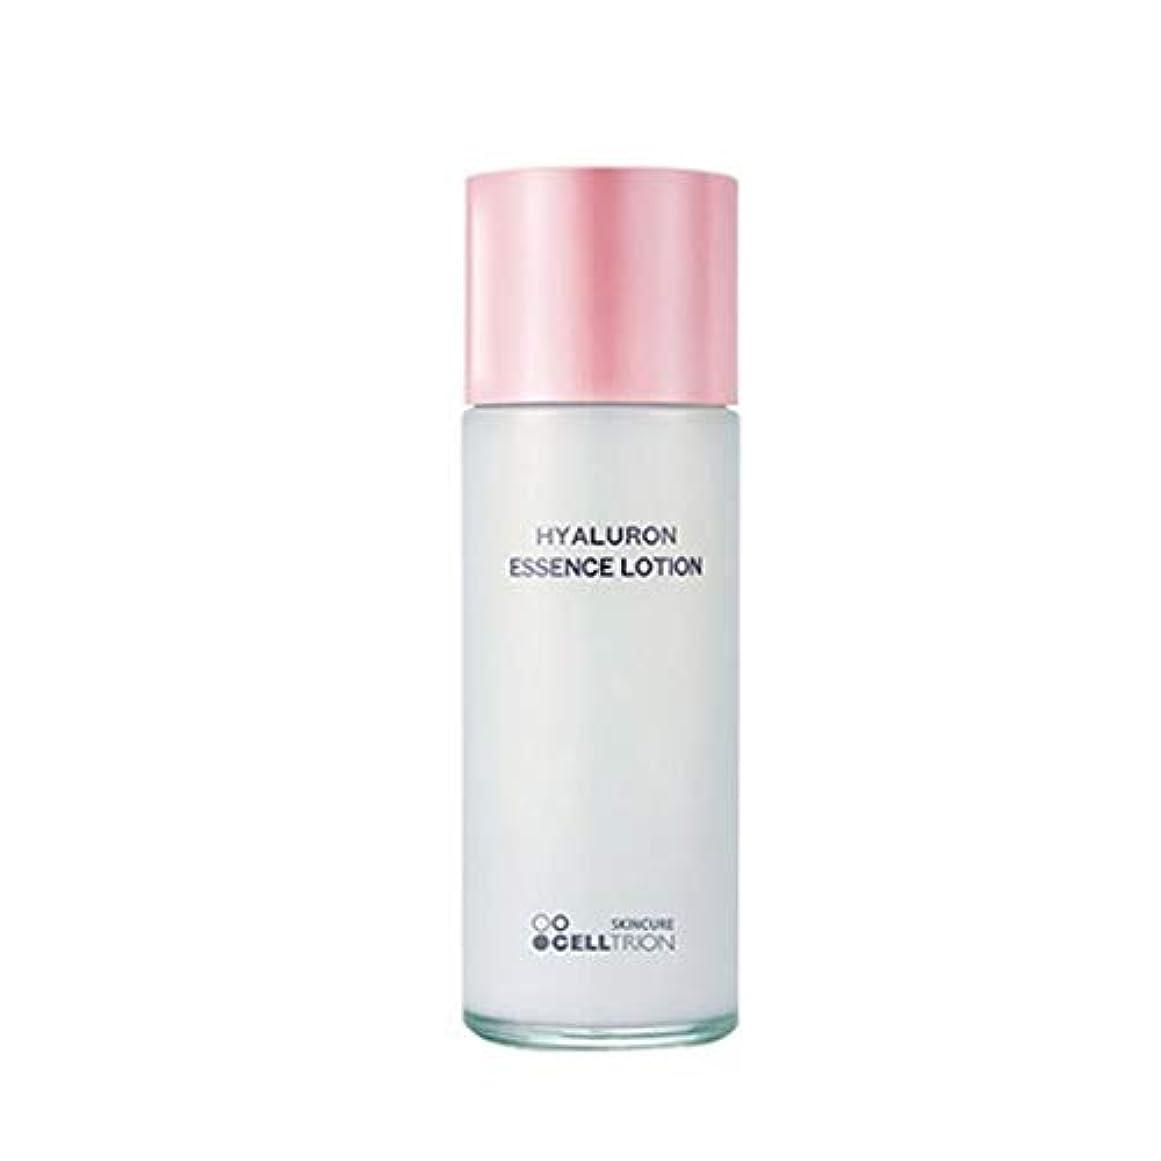 より良いレキシコン馬鹿げたセルトリオンスキンキュアヒアルロンエッセンスローション 150ml 美白シワ改善、Celltrion Skincure Hyaluron Essence Lotion 150ml Anti-Wrinkle [並行輸入品]